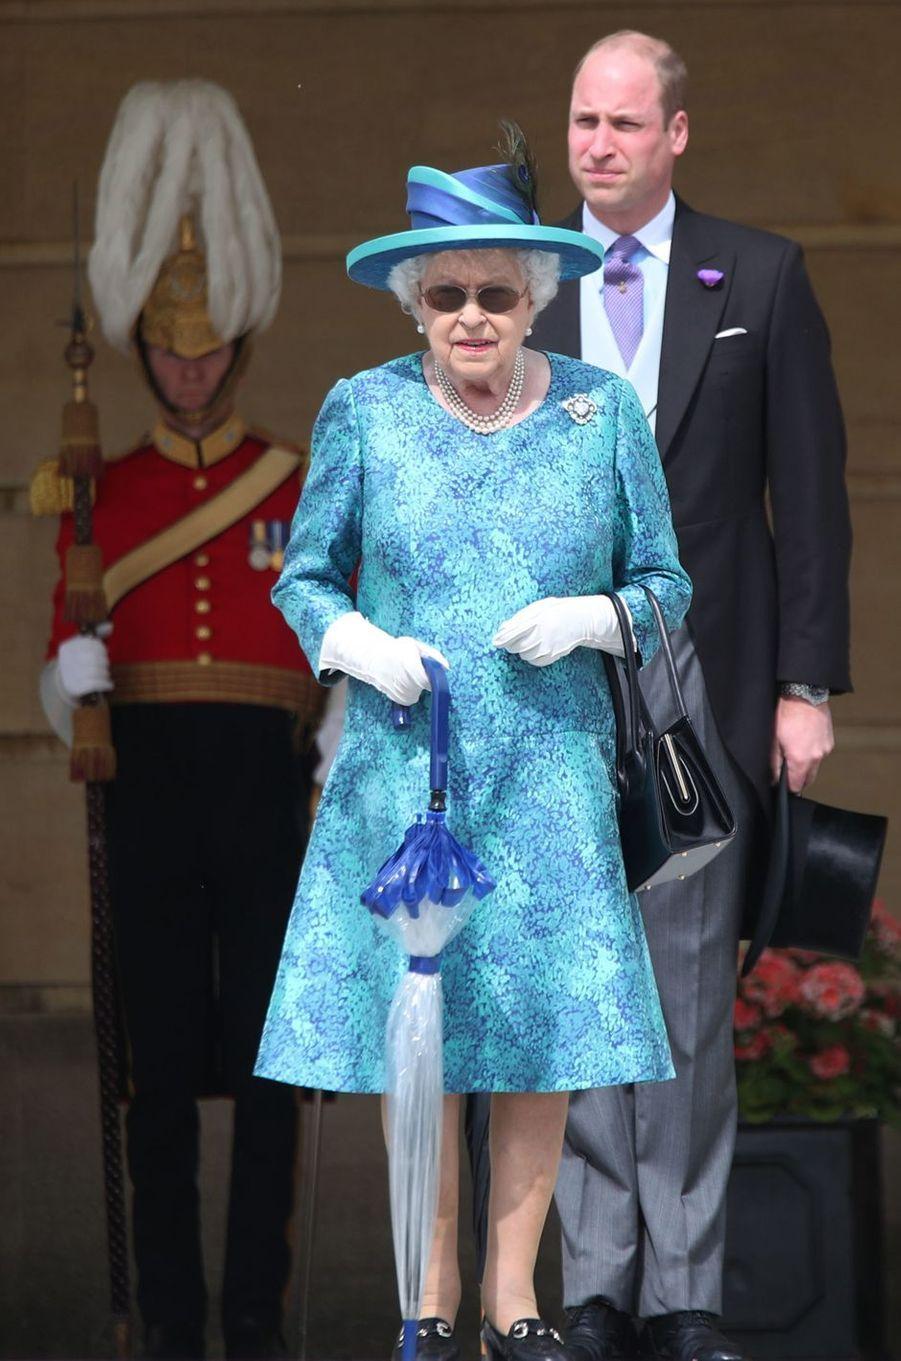 La reine Elizabeth II et le prince William dans les jardins de Buckingham Palace à Londres, le 31 mai 2018